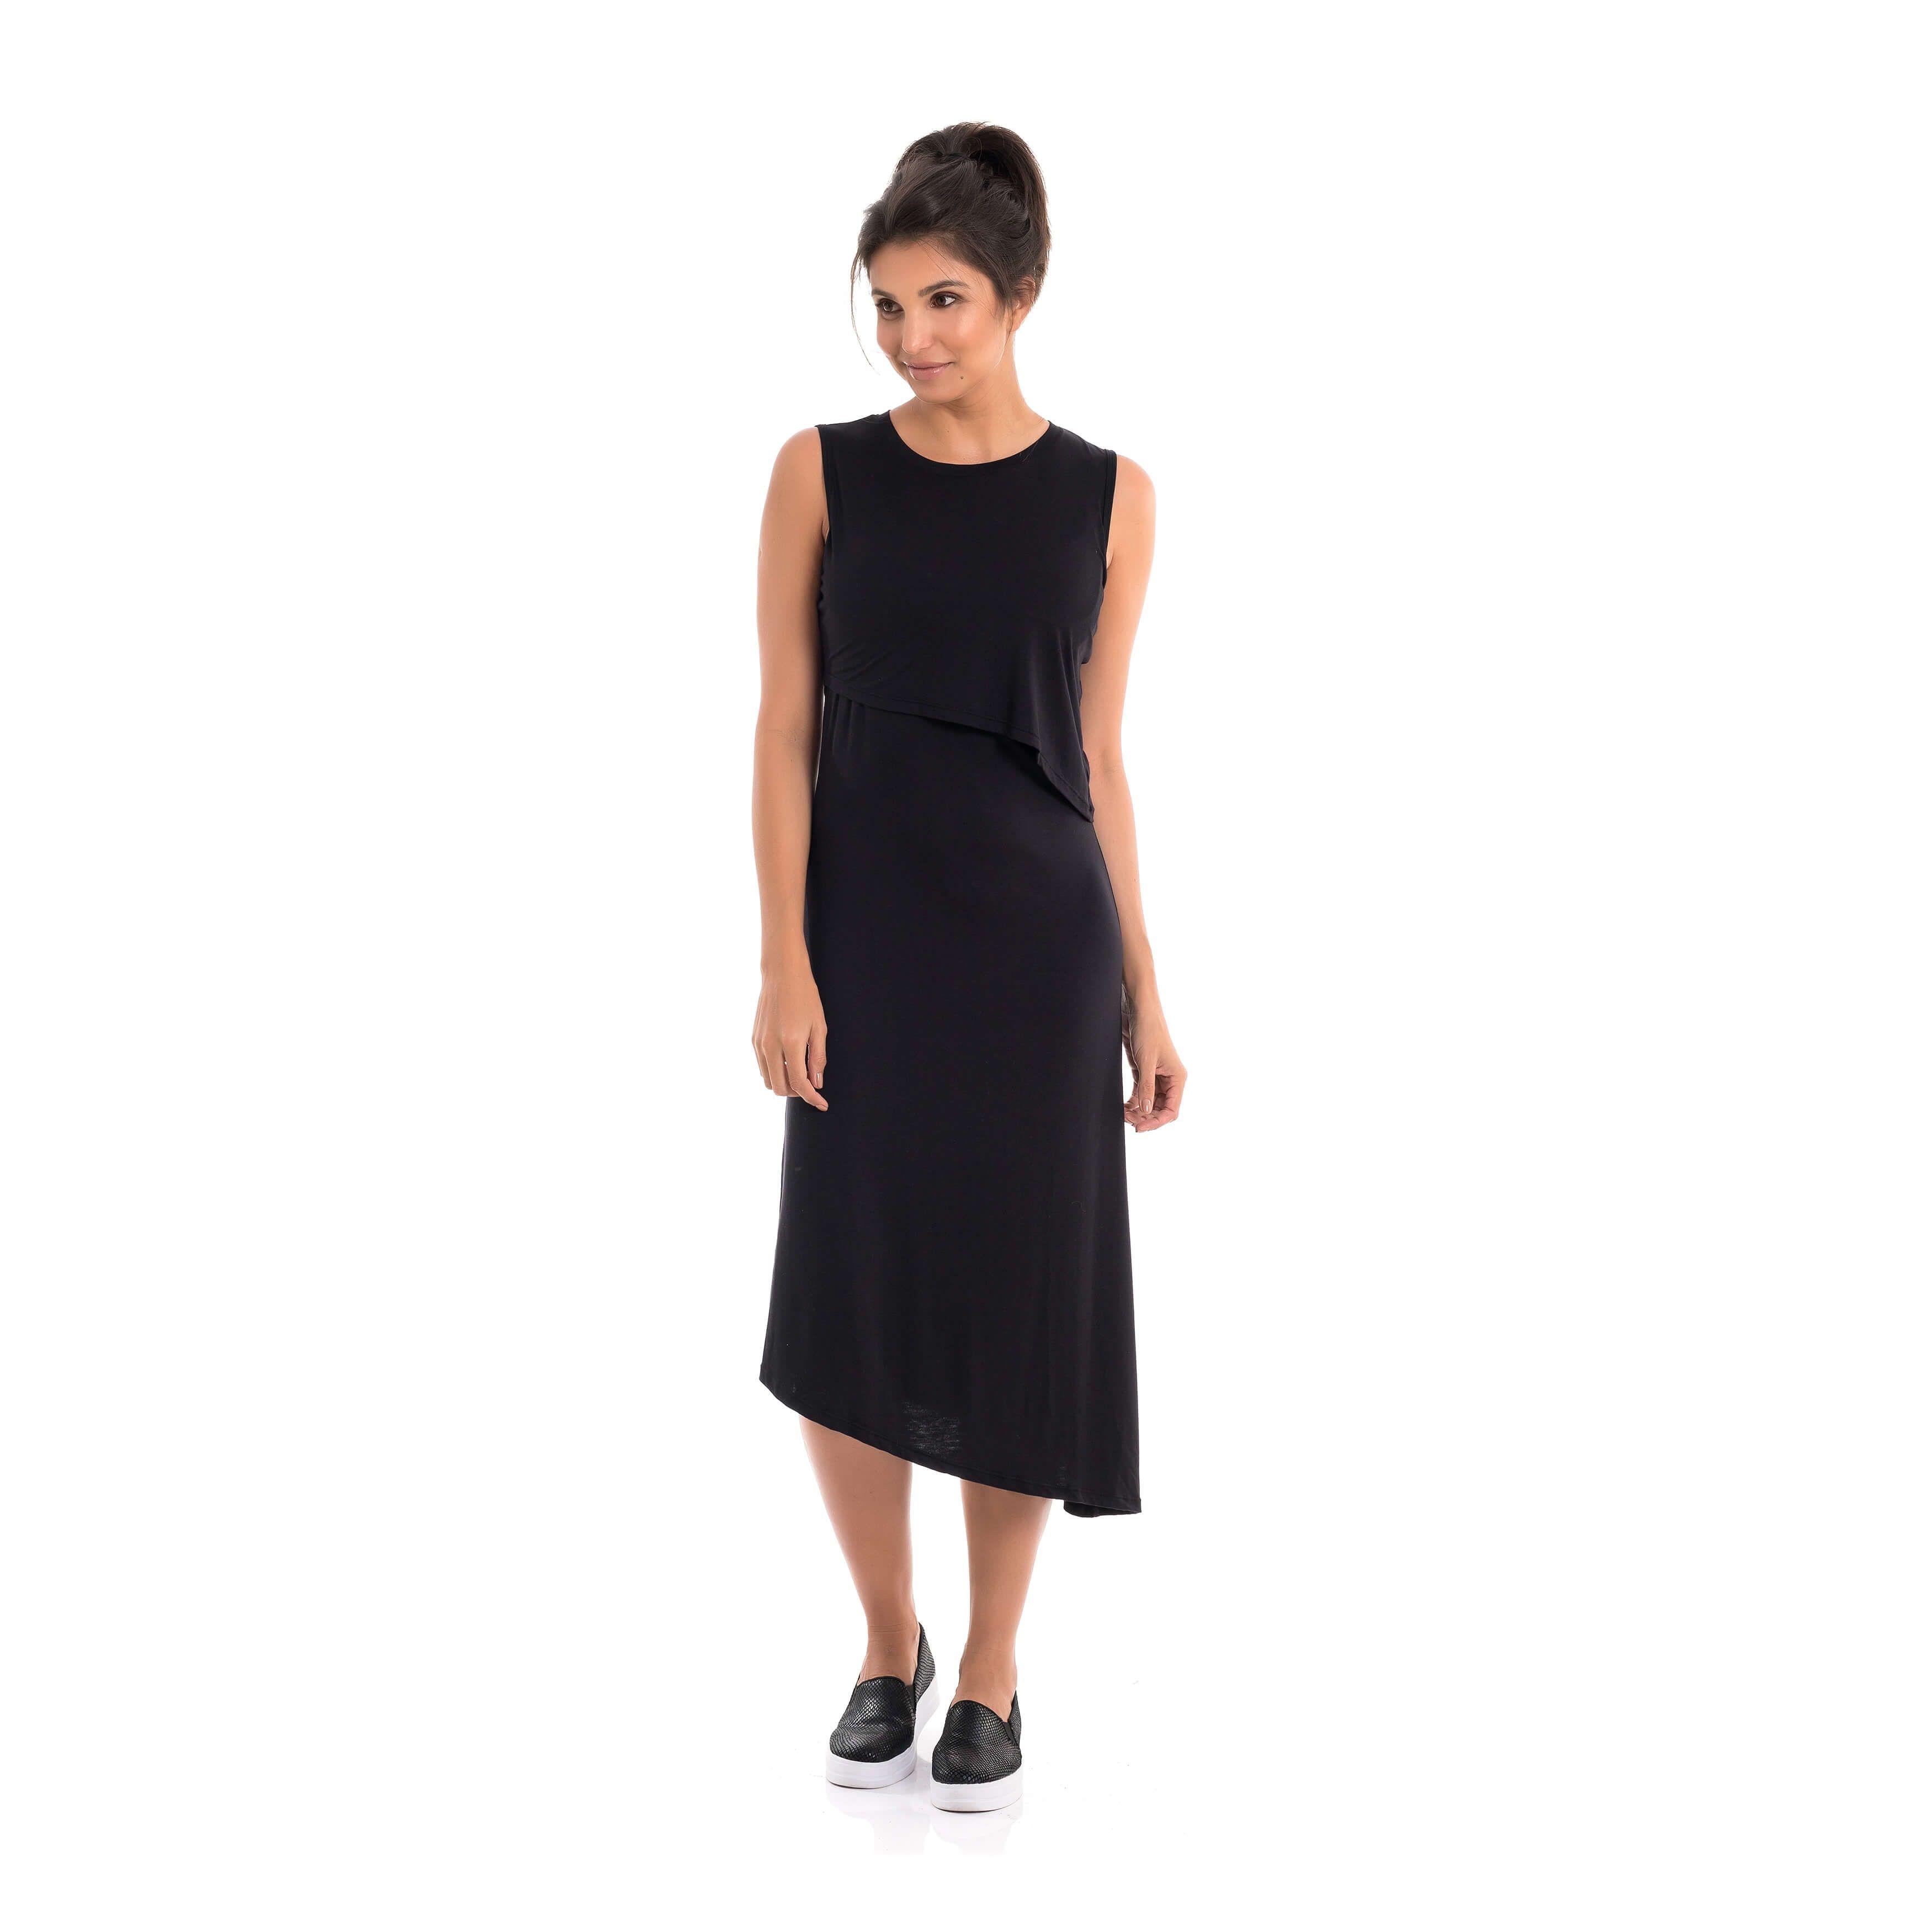 53ee11eb4 Vestido Amamentação Diana - Preto - Loja Agora Sou Mãe